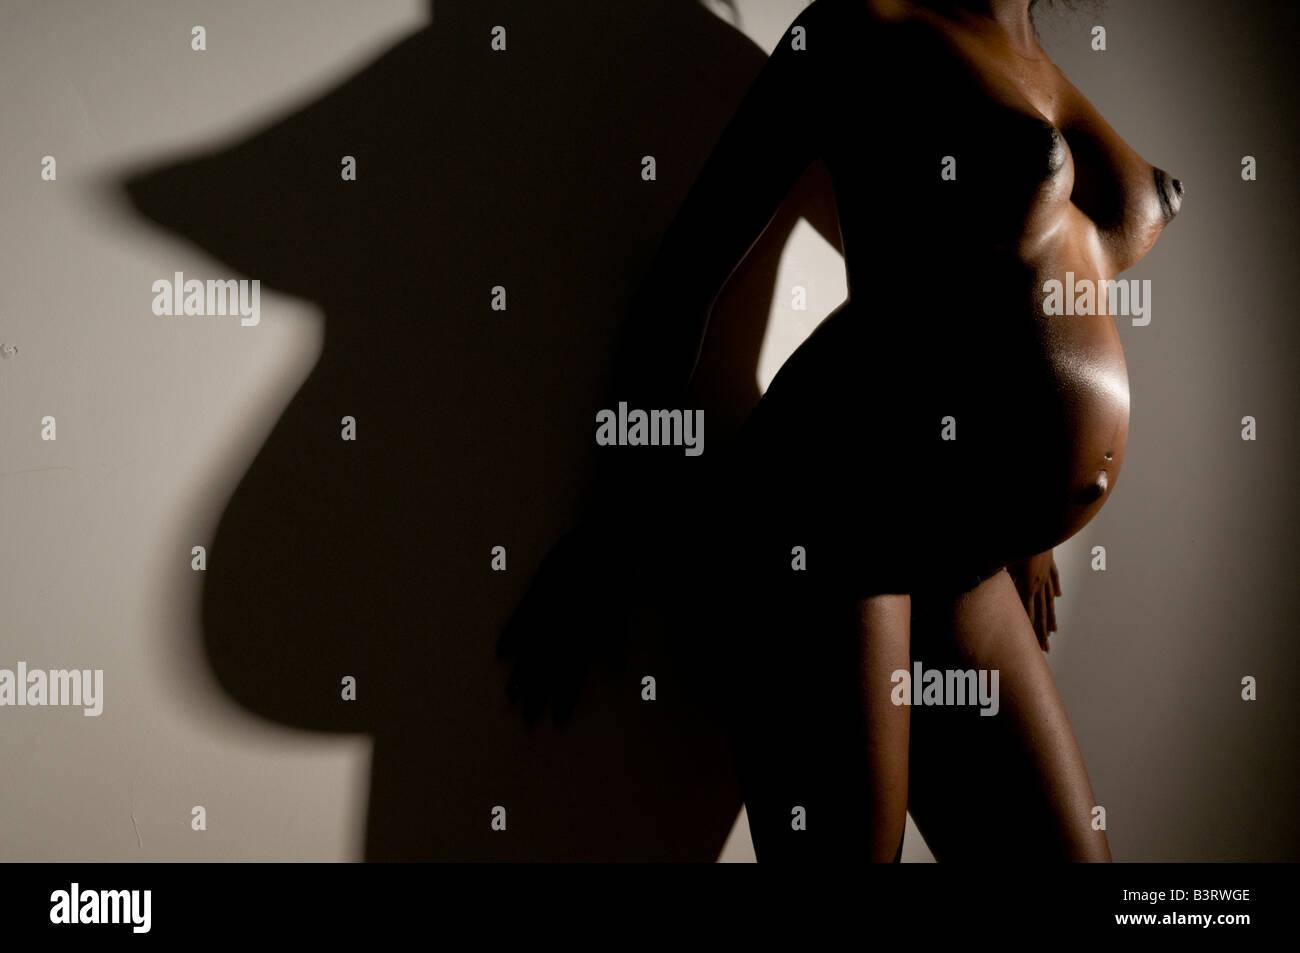 Nackt schwanger girls Schwanger: 7,765